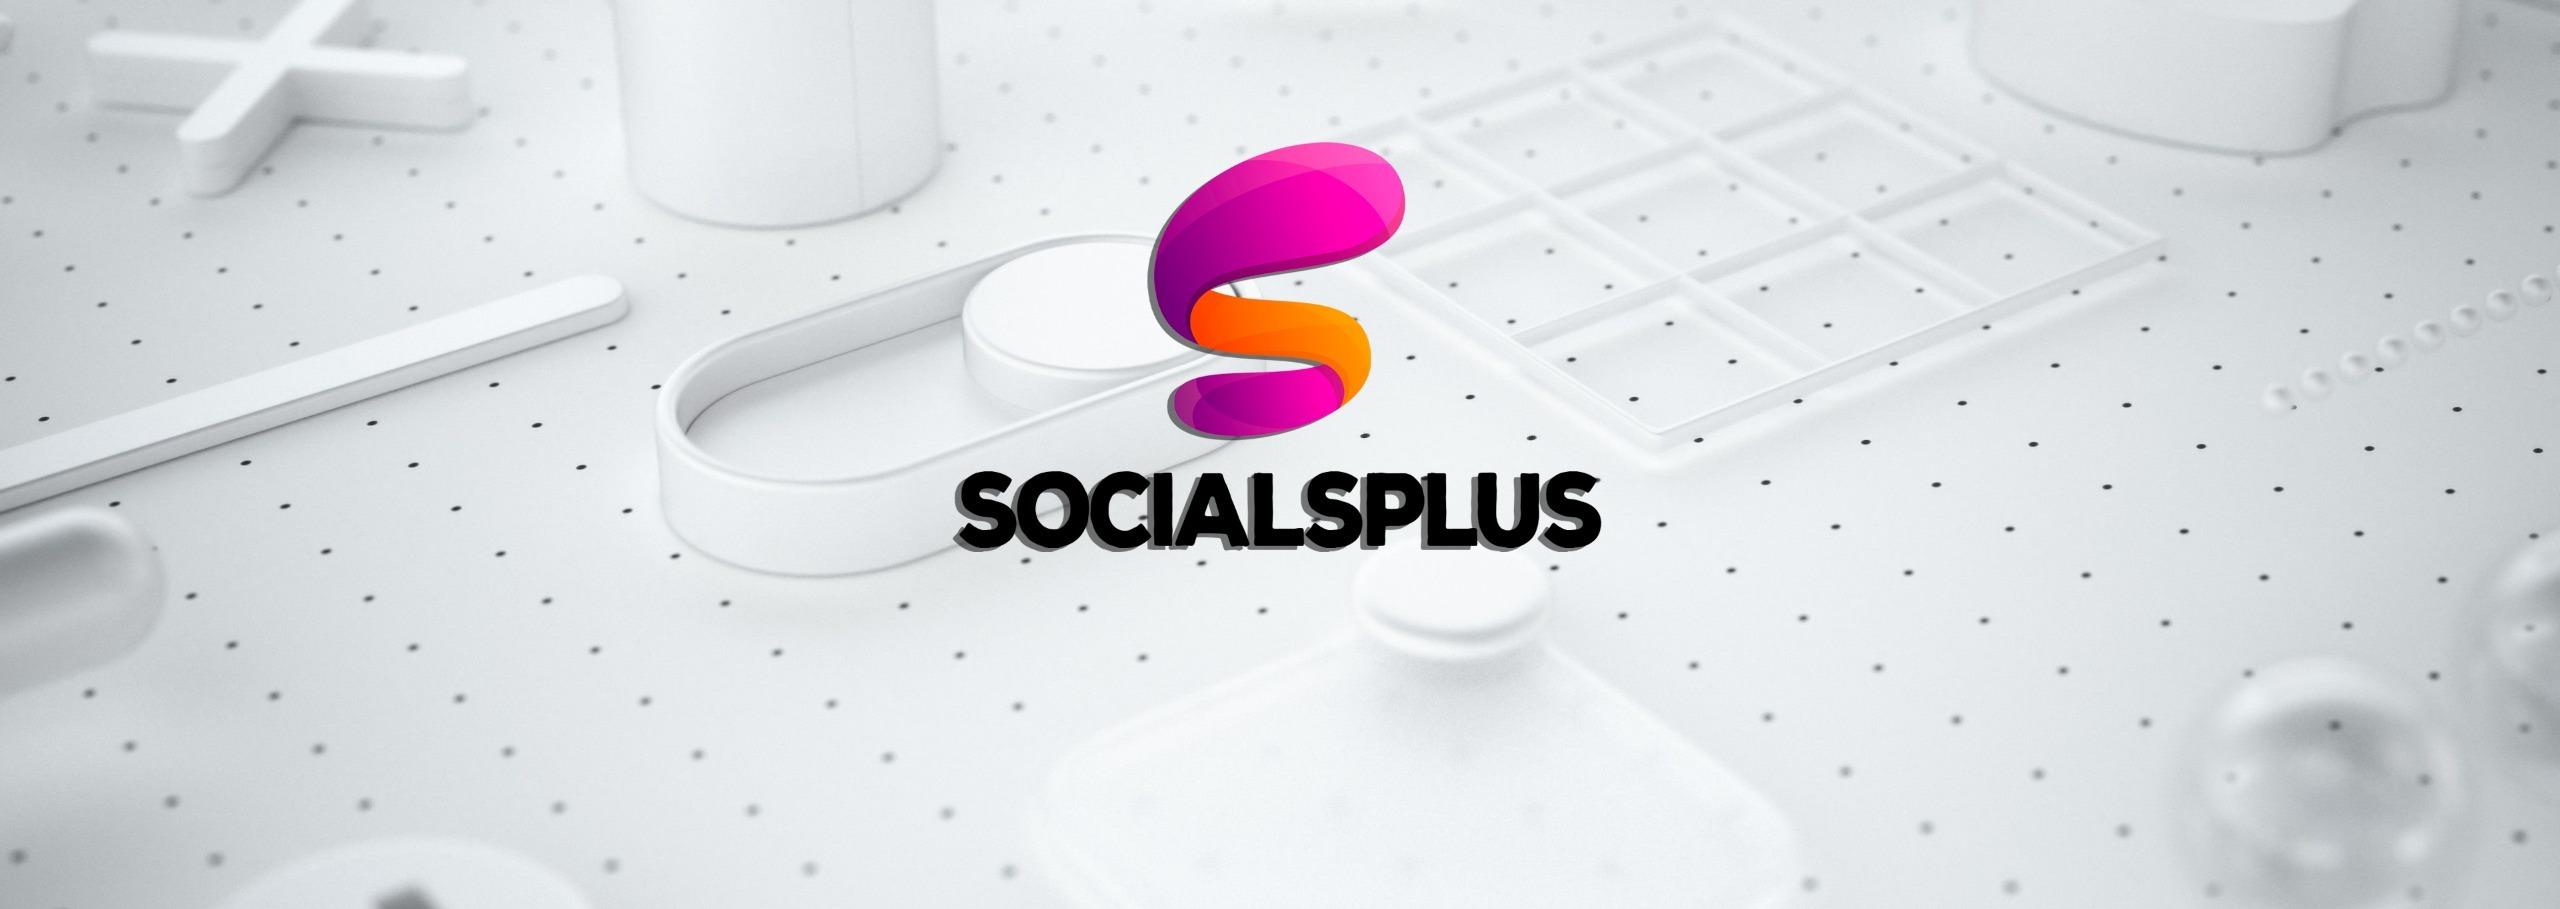 Socialplusblogspot (@socialplusblogspot) Cover Image